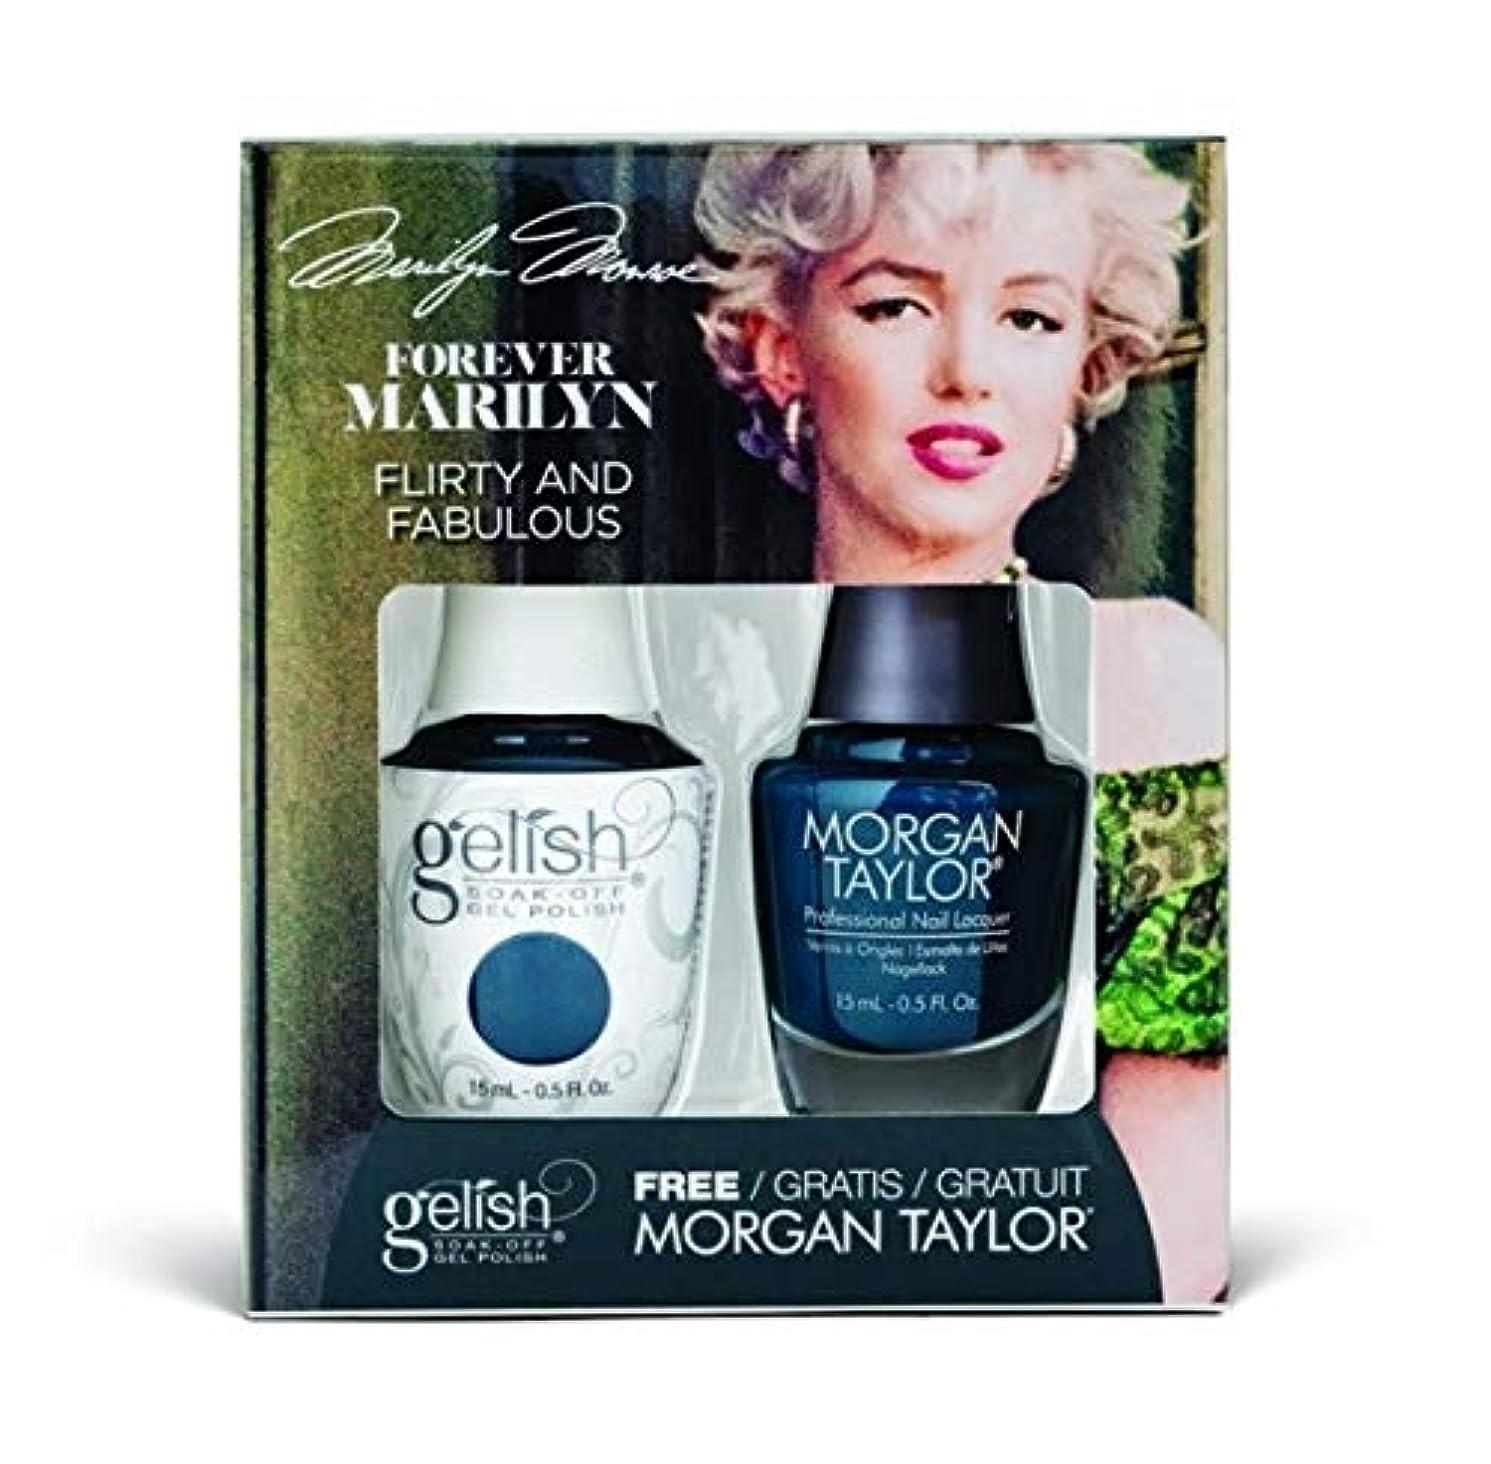 議題性差別ガイドHarmony Gelish - Two of a Kind - Forever Marilyn Fall 2019 Collection - Flirty and Fabulous - 15ml / 0.5oz